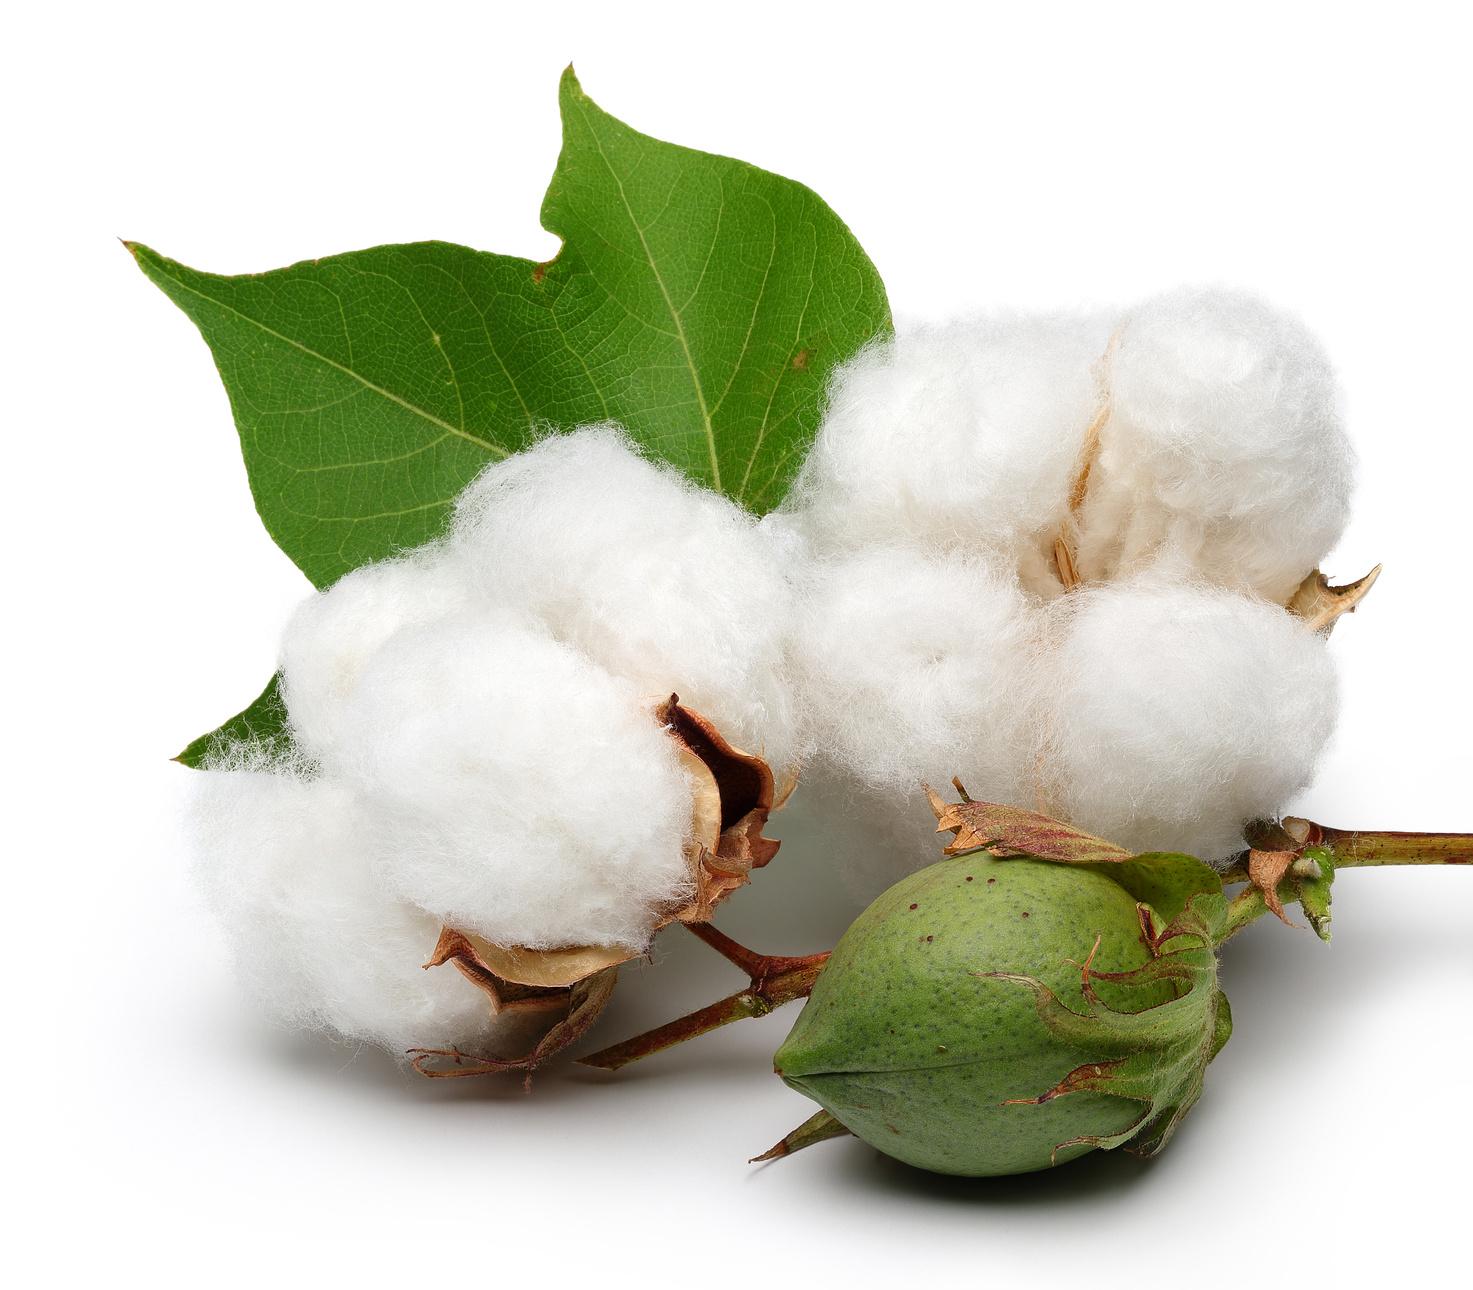 ประเภทของผ้า cotton ที่นำมาใช้ในการสกรีนเสื้อ